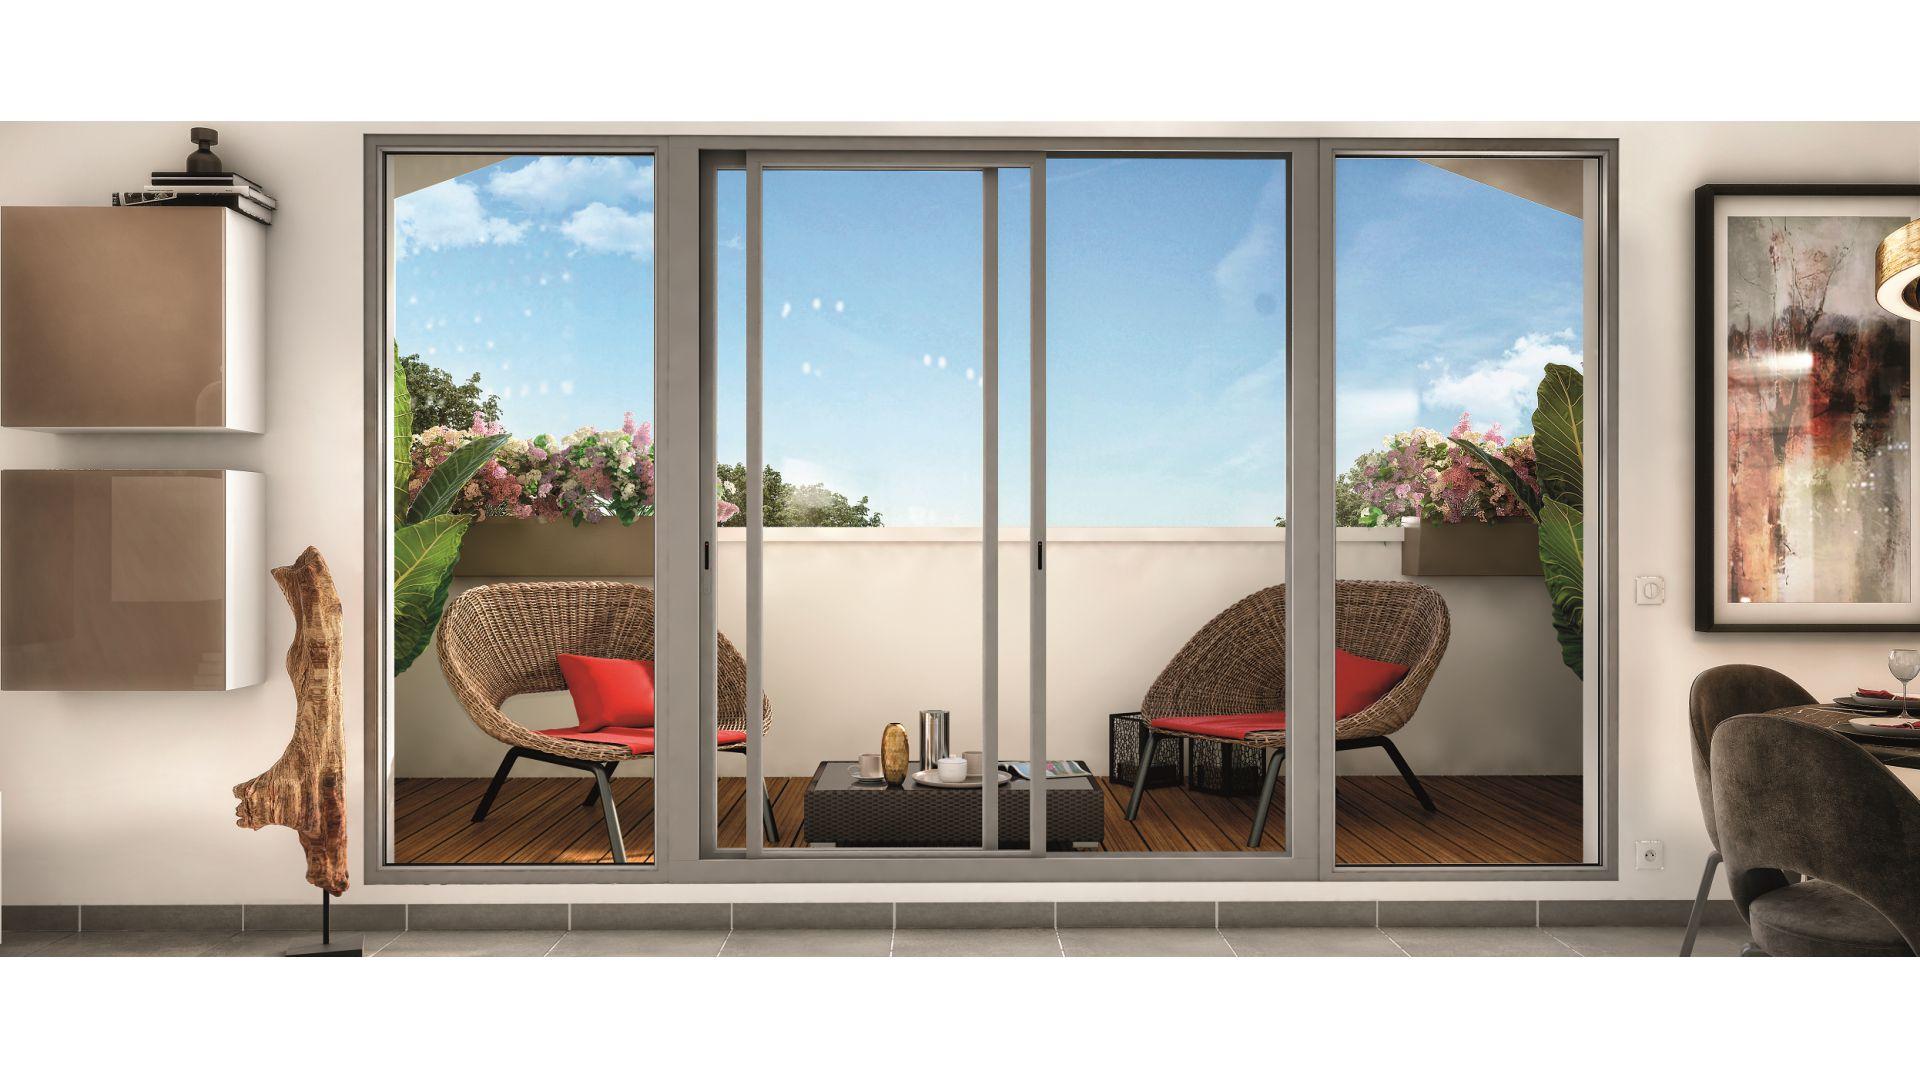 Greencity Immobilier - Résidence Les Beaux Arts - Toulouse Jules Julien - 31400 - vue terrasse